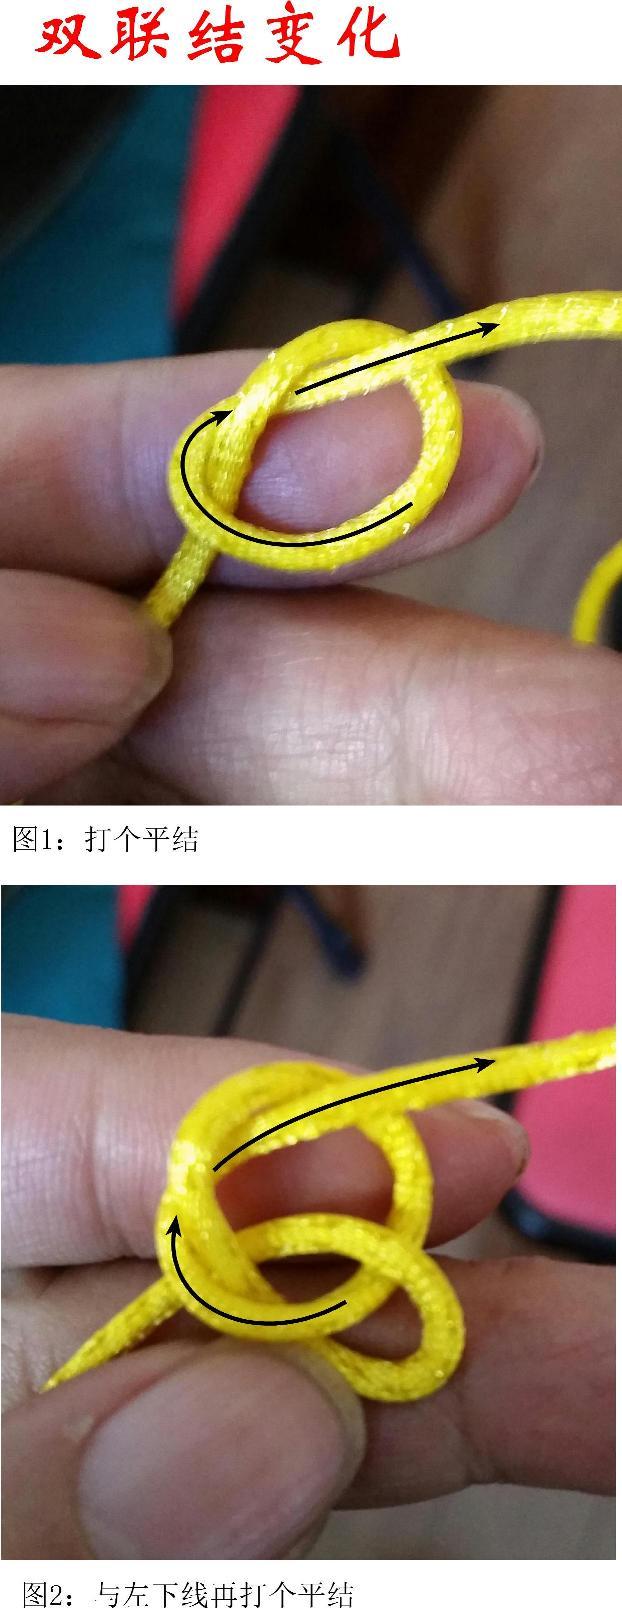 中国结论坛 双联结变化  基本结-新手入门必看 152532xdjol700ugeuglrg